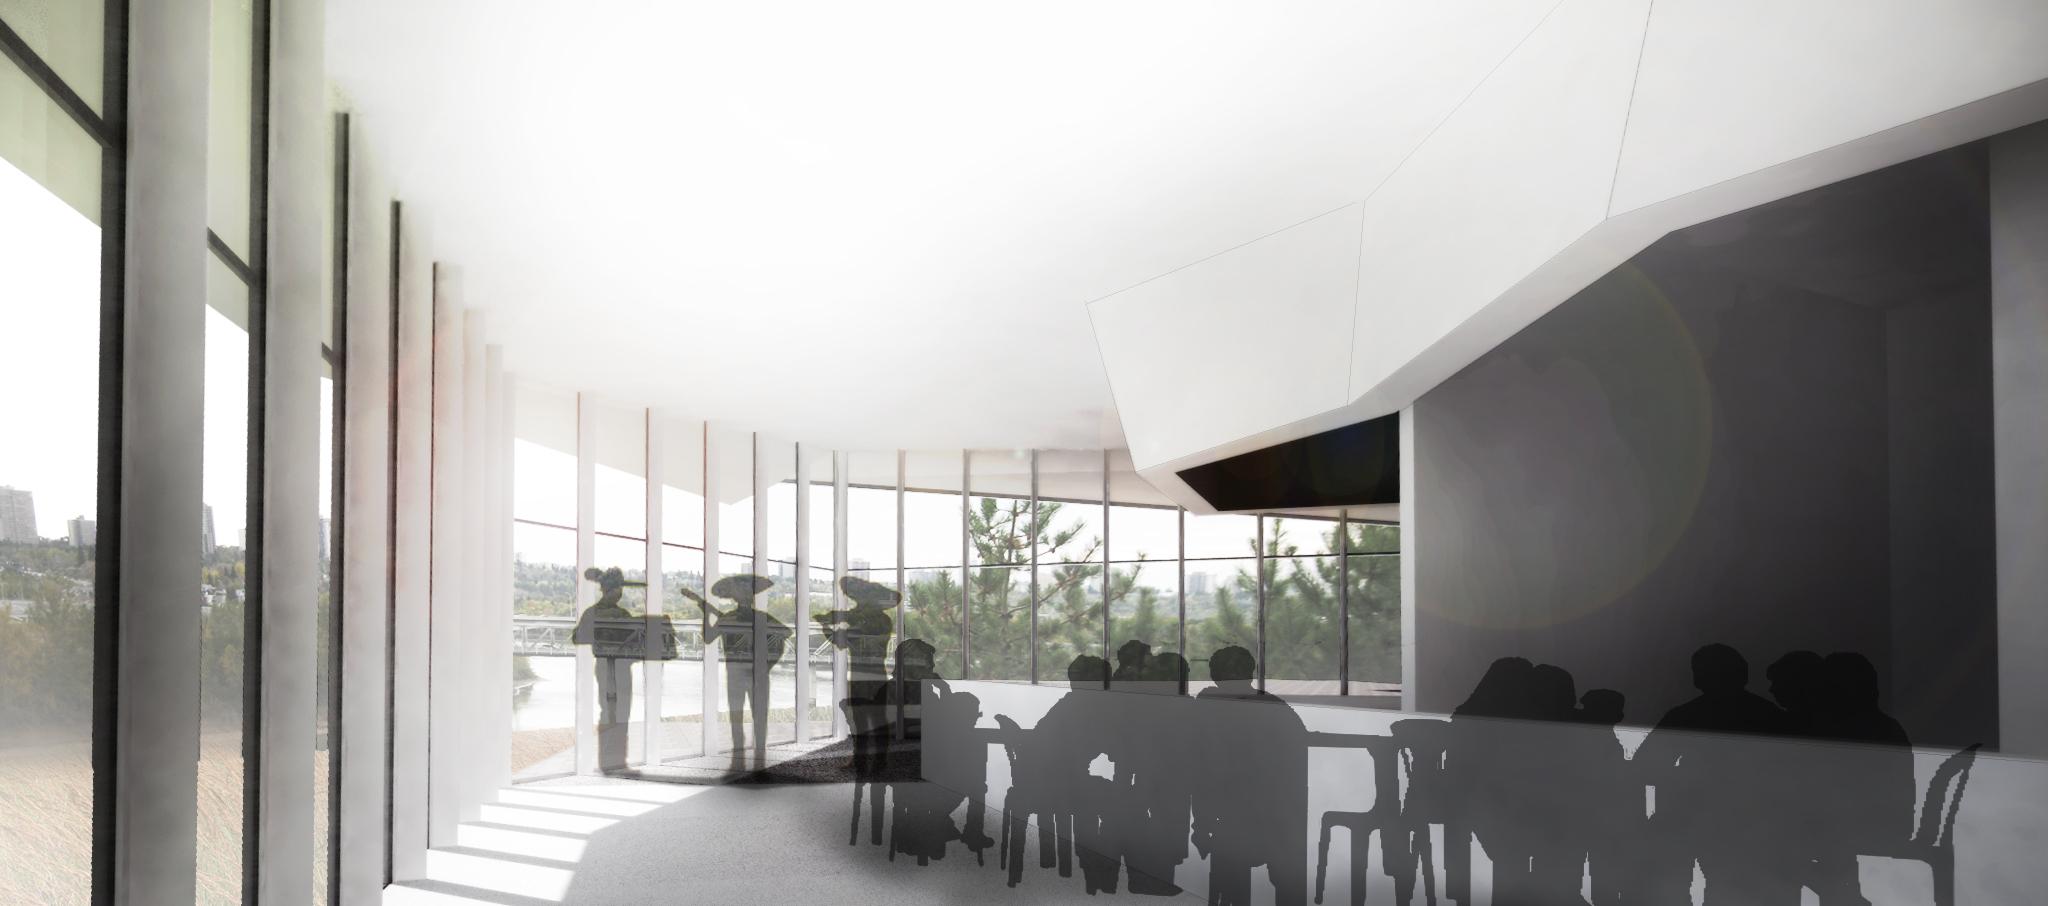 interior1-1.jpg